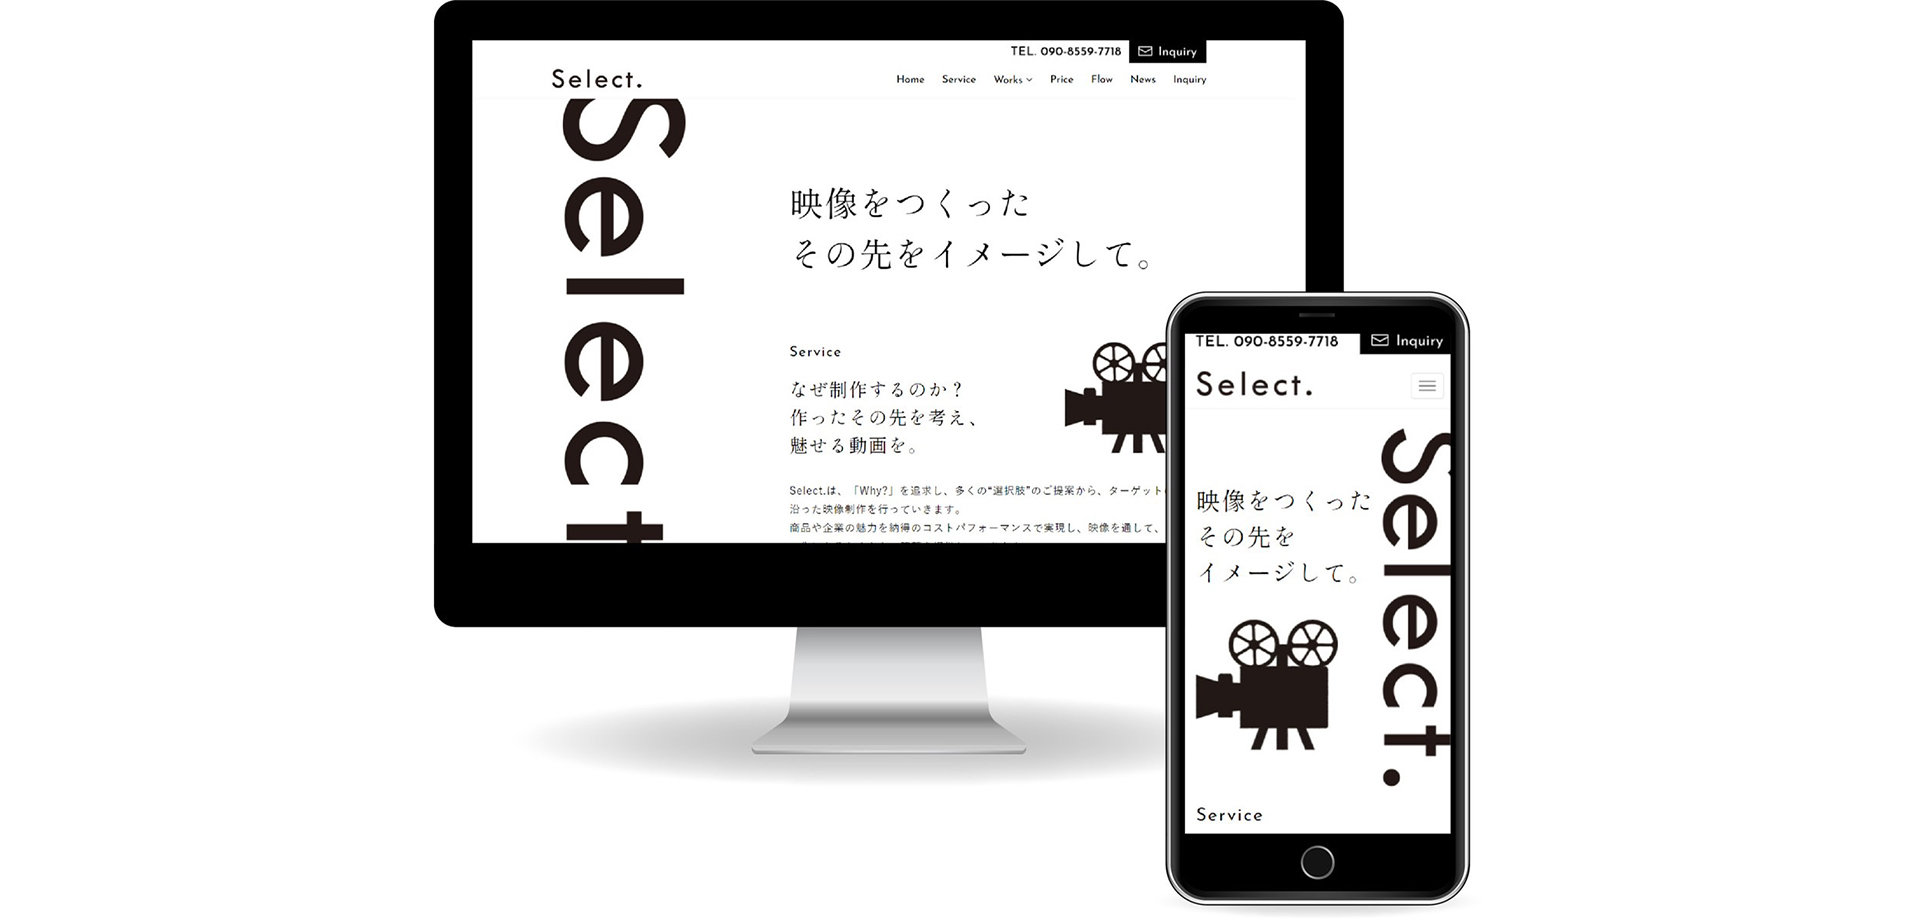 Select. ウェブサイト